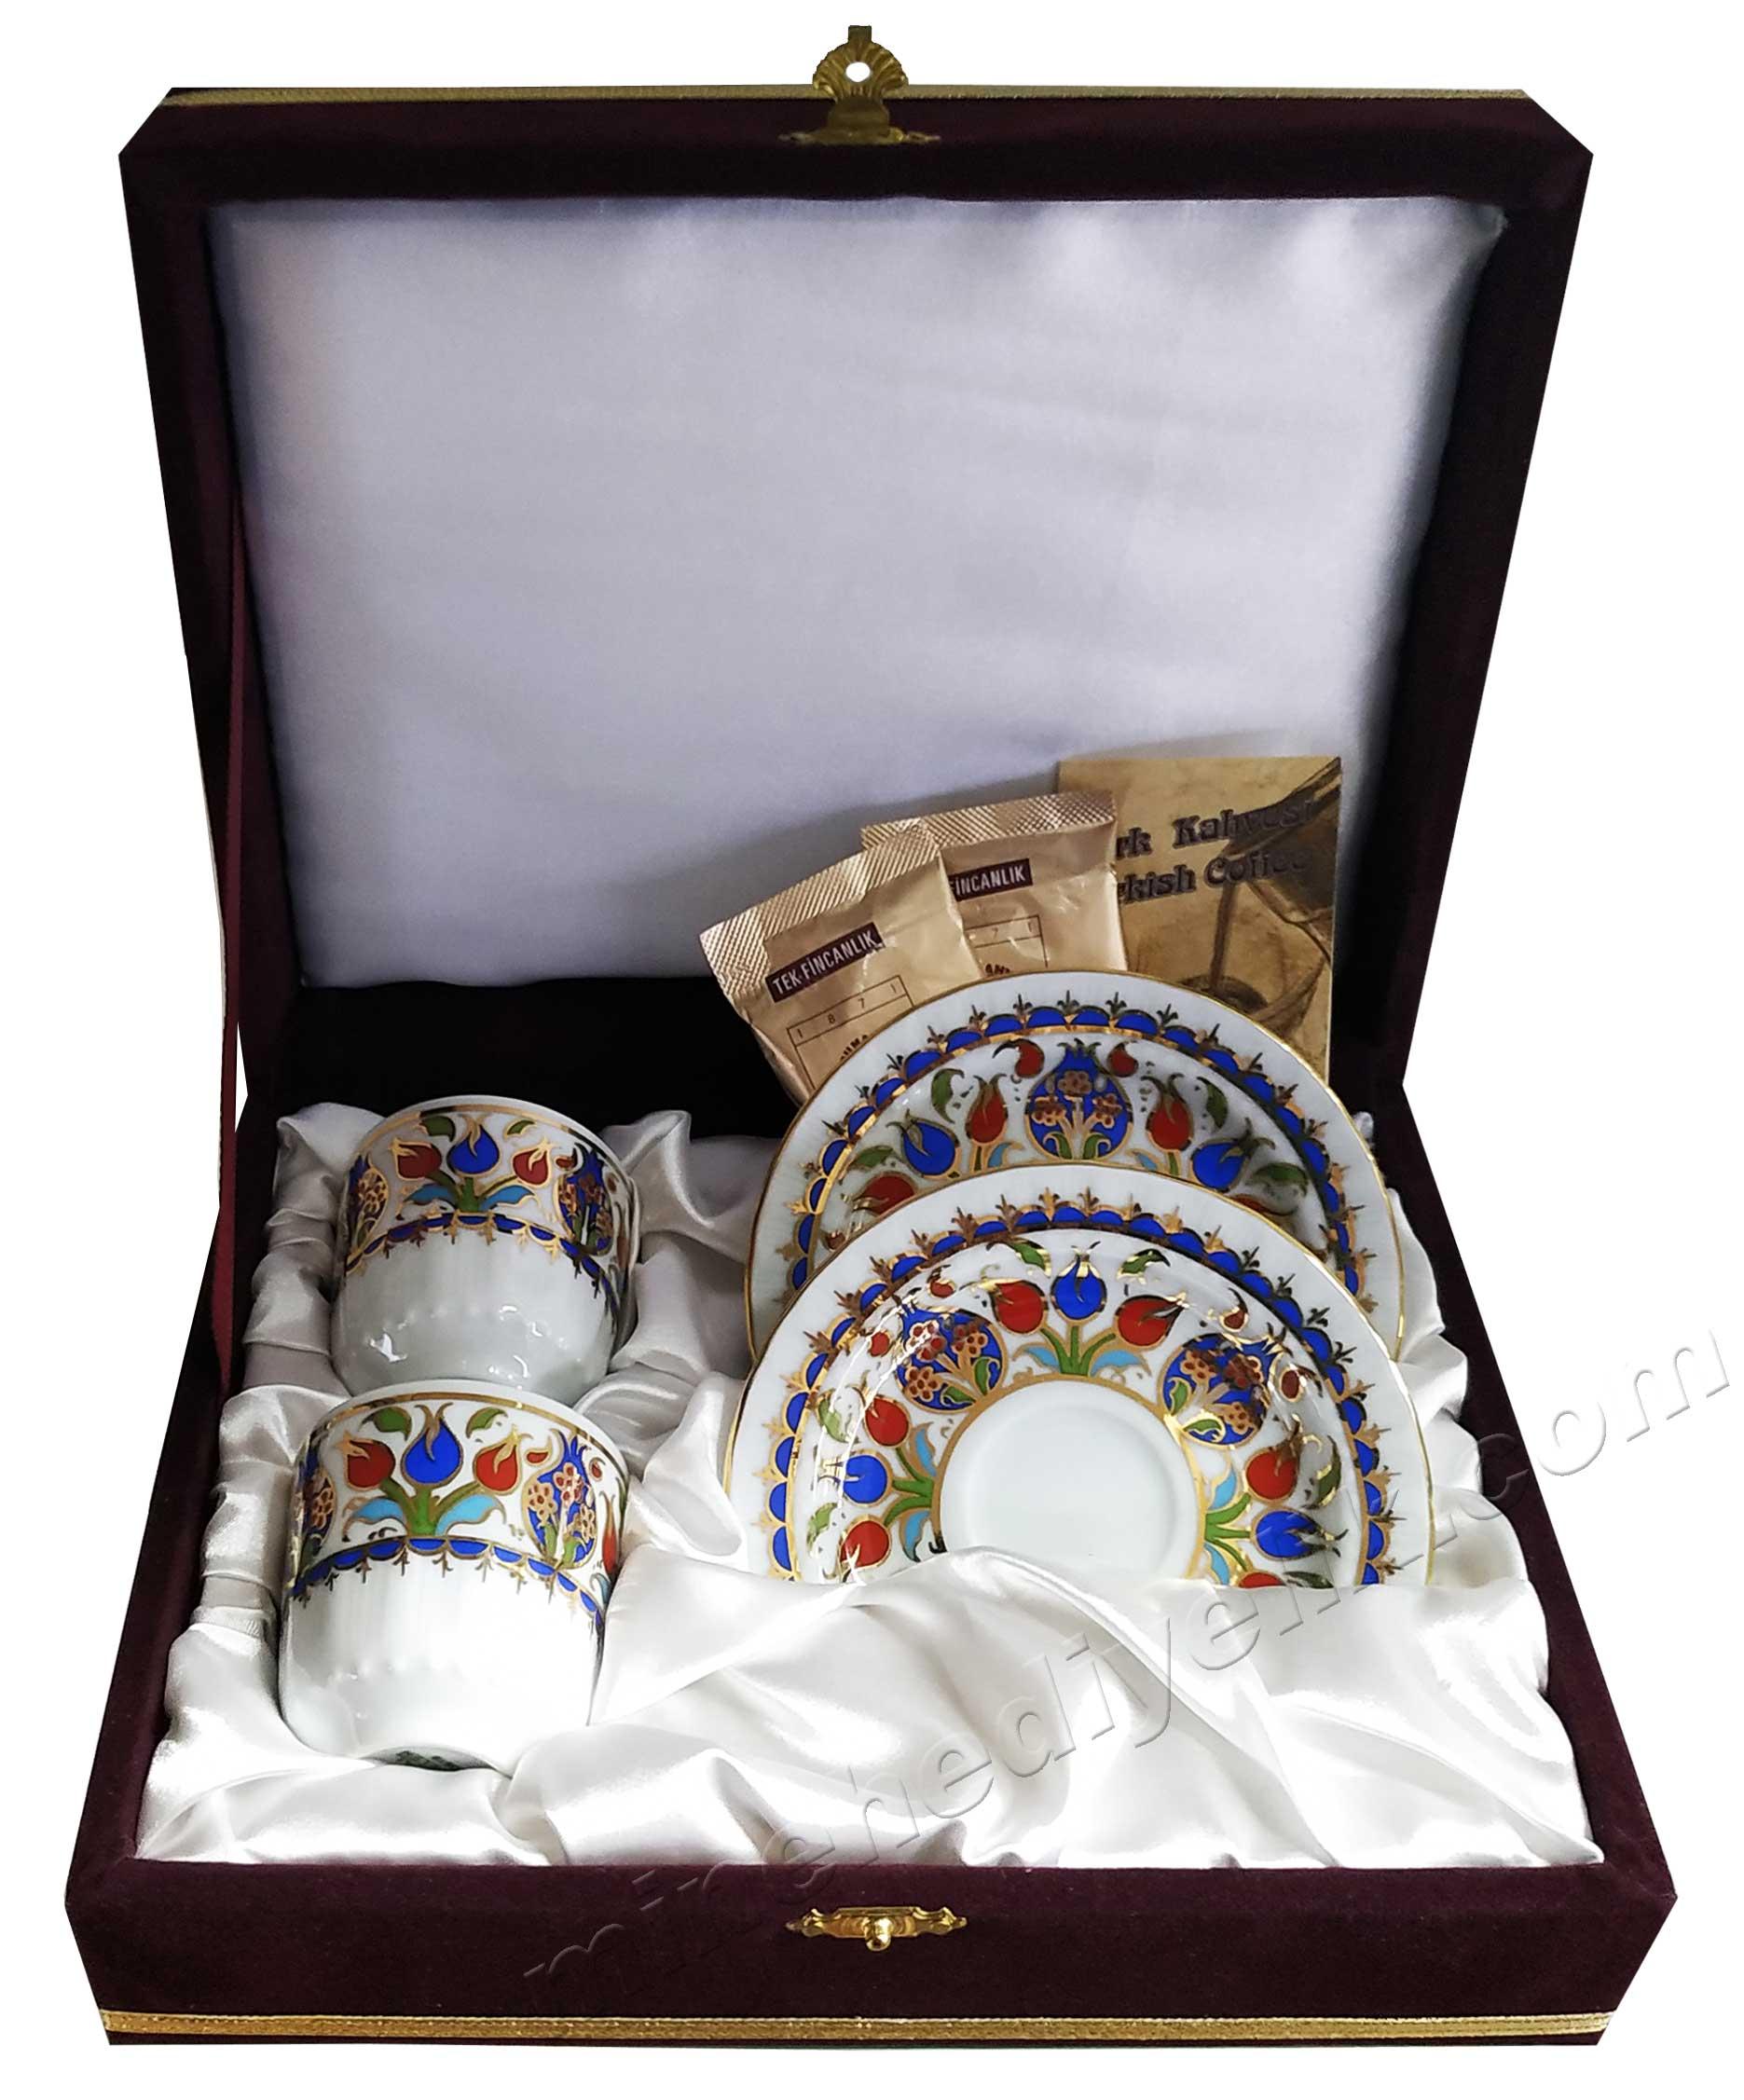 İki Kişilik Kahve Fincan Setleri Özel Tasarım Kutularda Nar Çiçeği Motifli